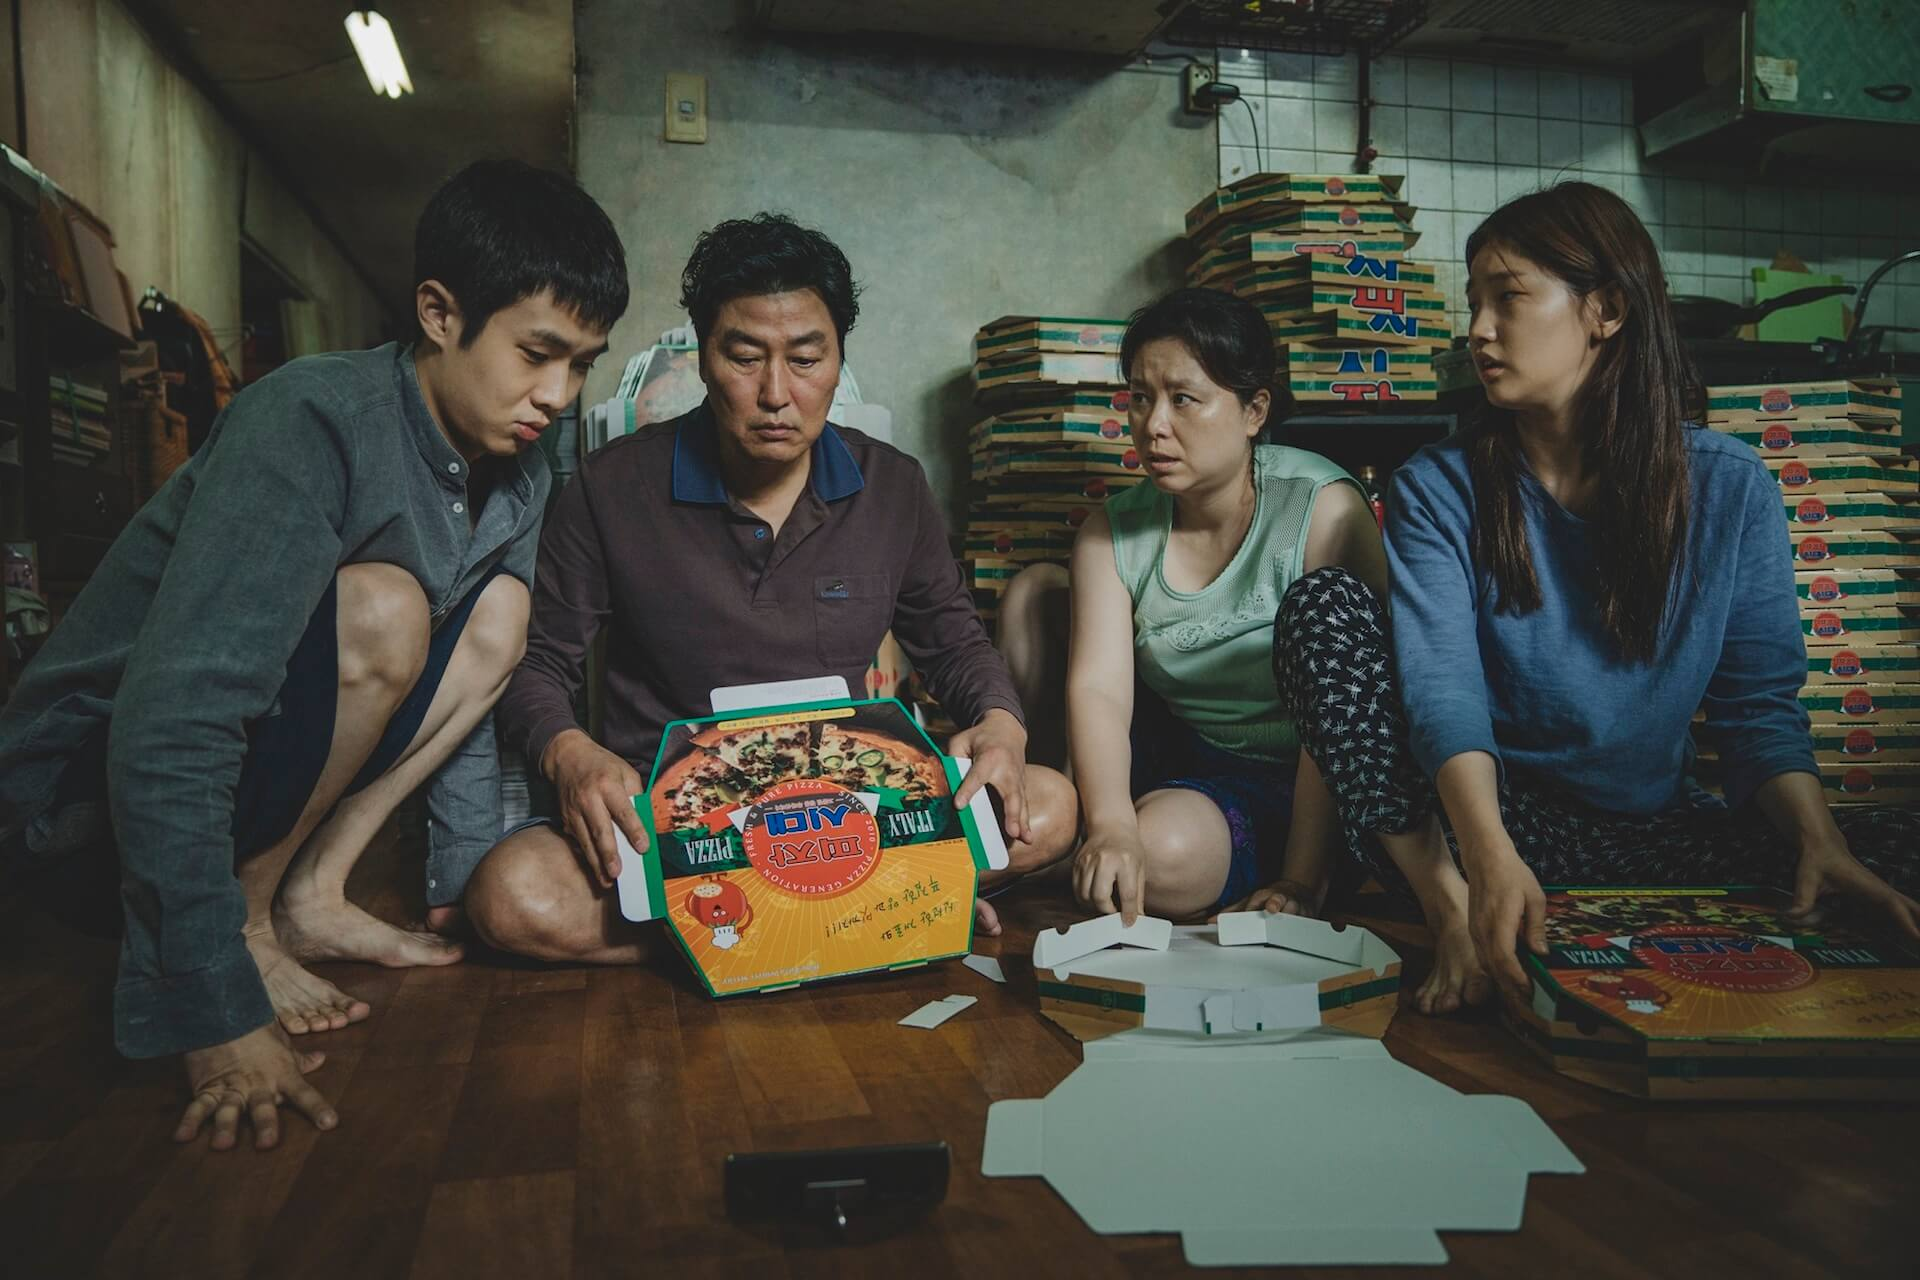 全世界が熱狂する『パラサイト 半地下の家族』出演キャスト陣からコメントが到着「韓国映画の進化として認識することでしょう」 film191030_parasite_6